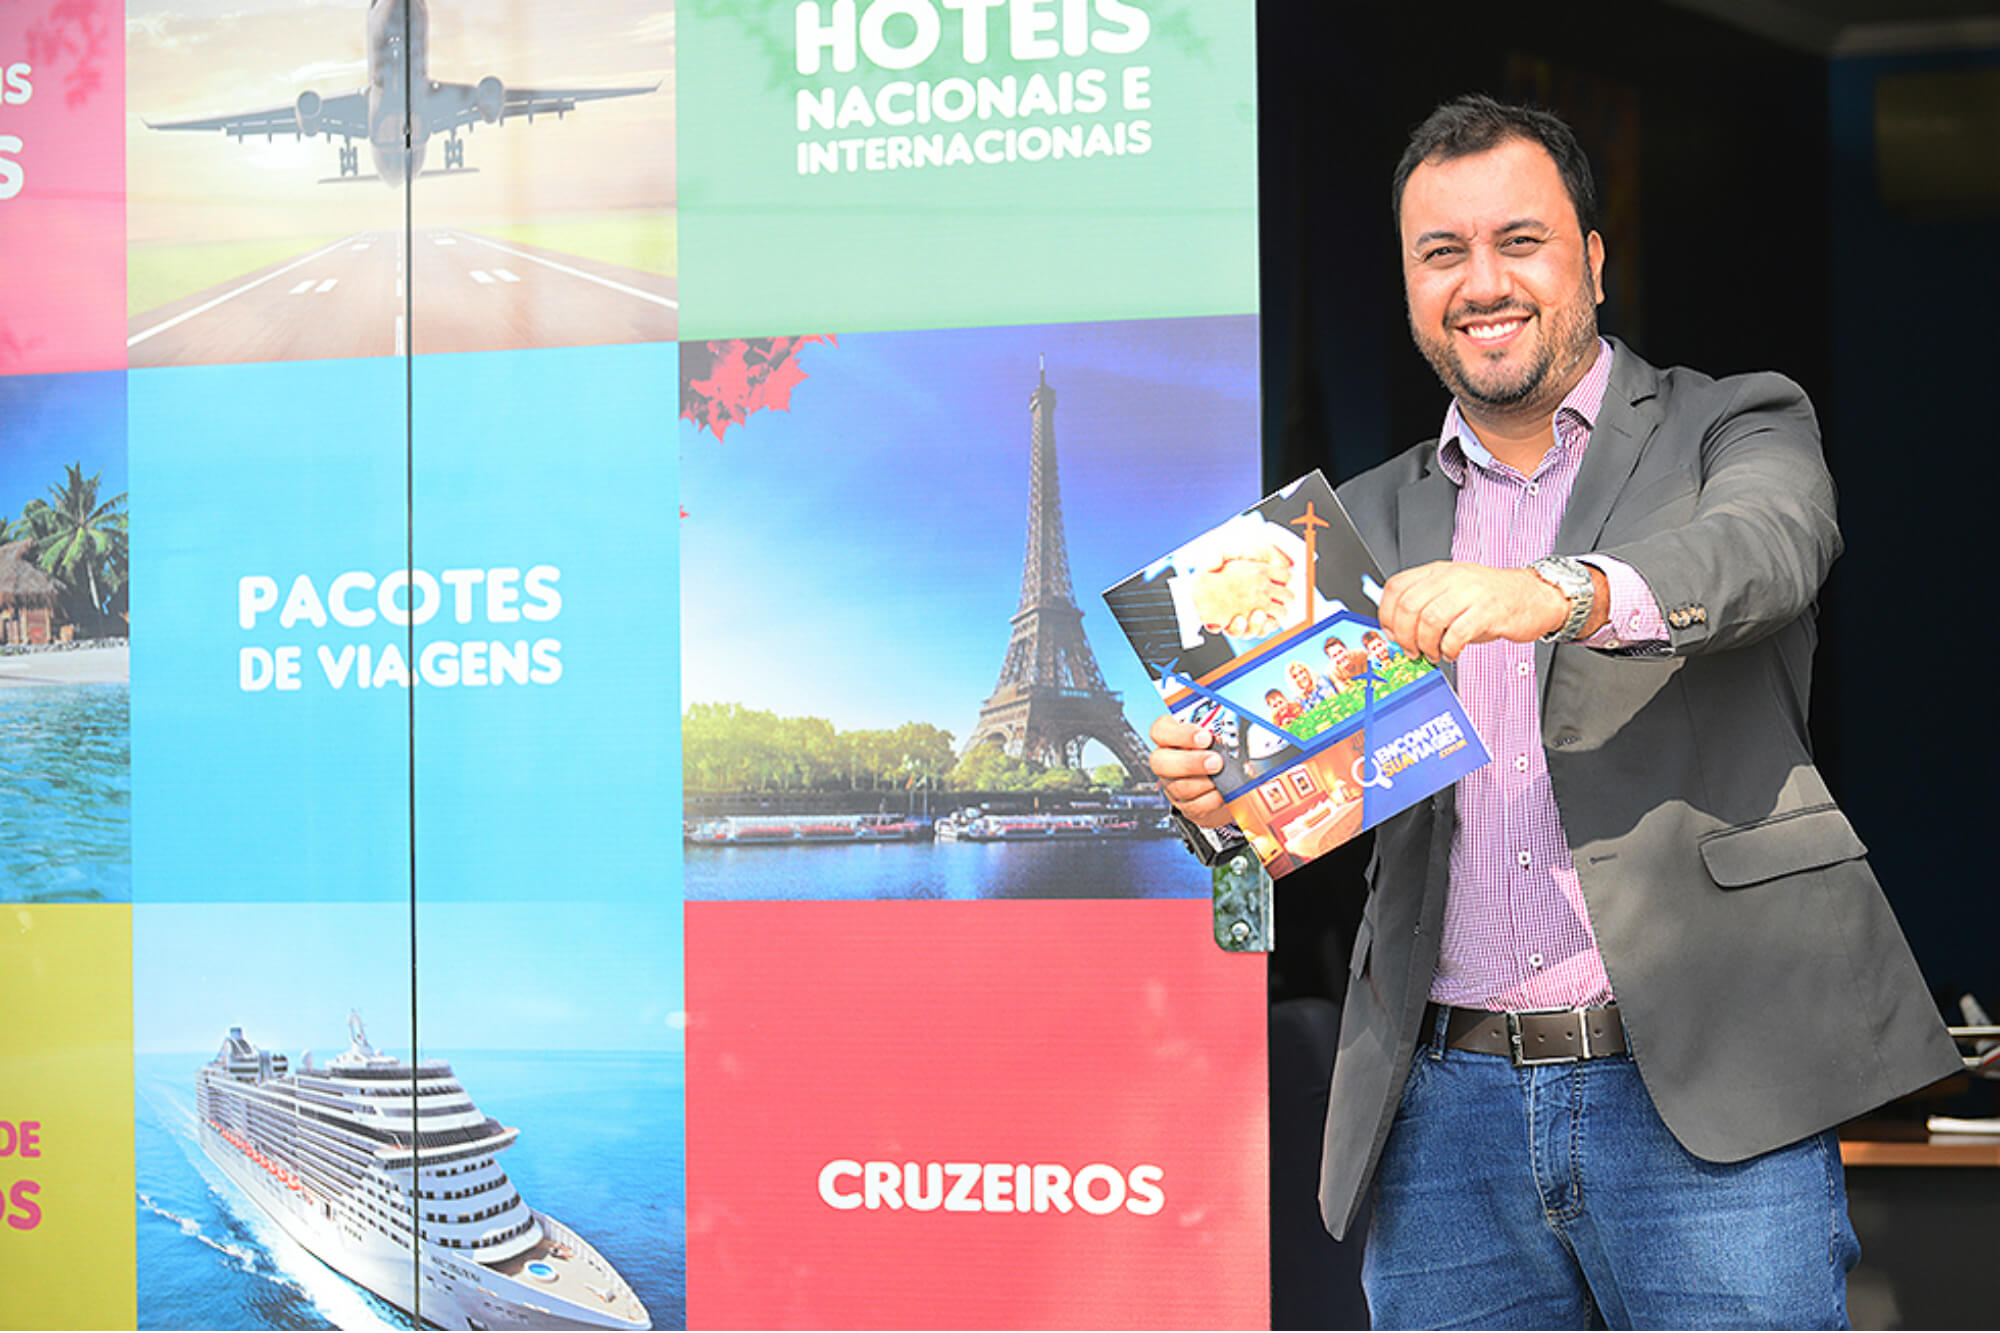 franquias para jovens empreendedores encontre sua viagem